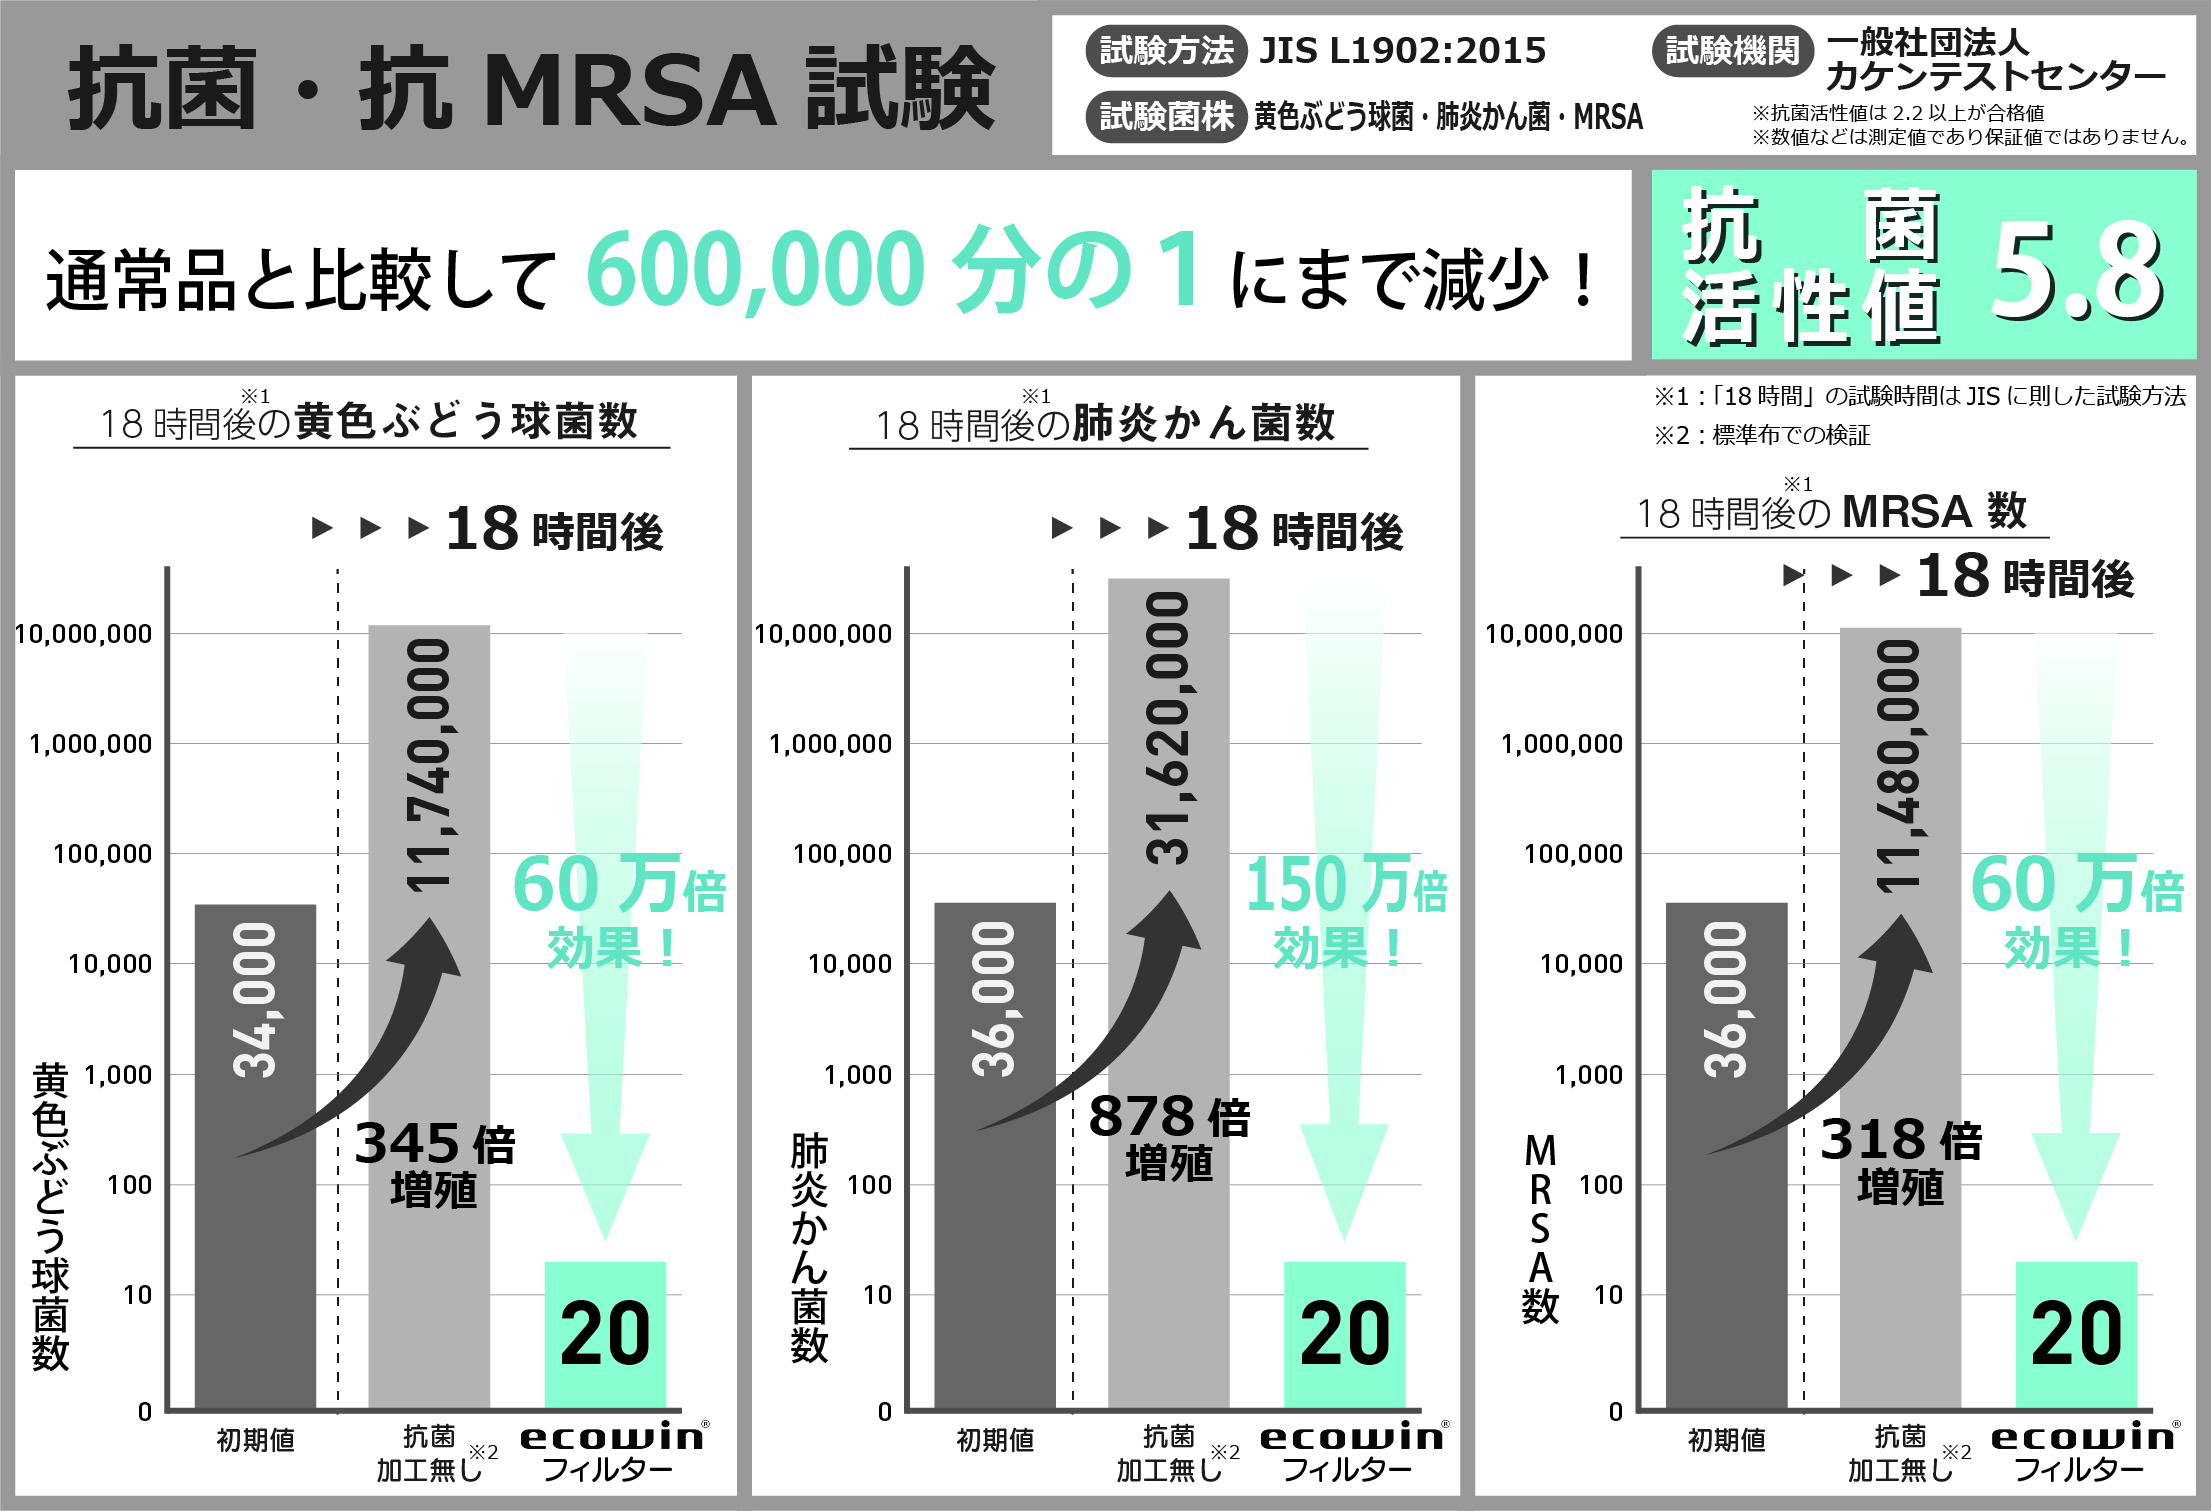 抗菌・抗MRSA性能試験